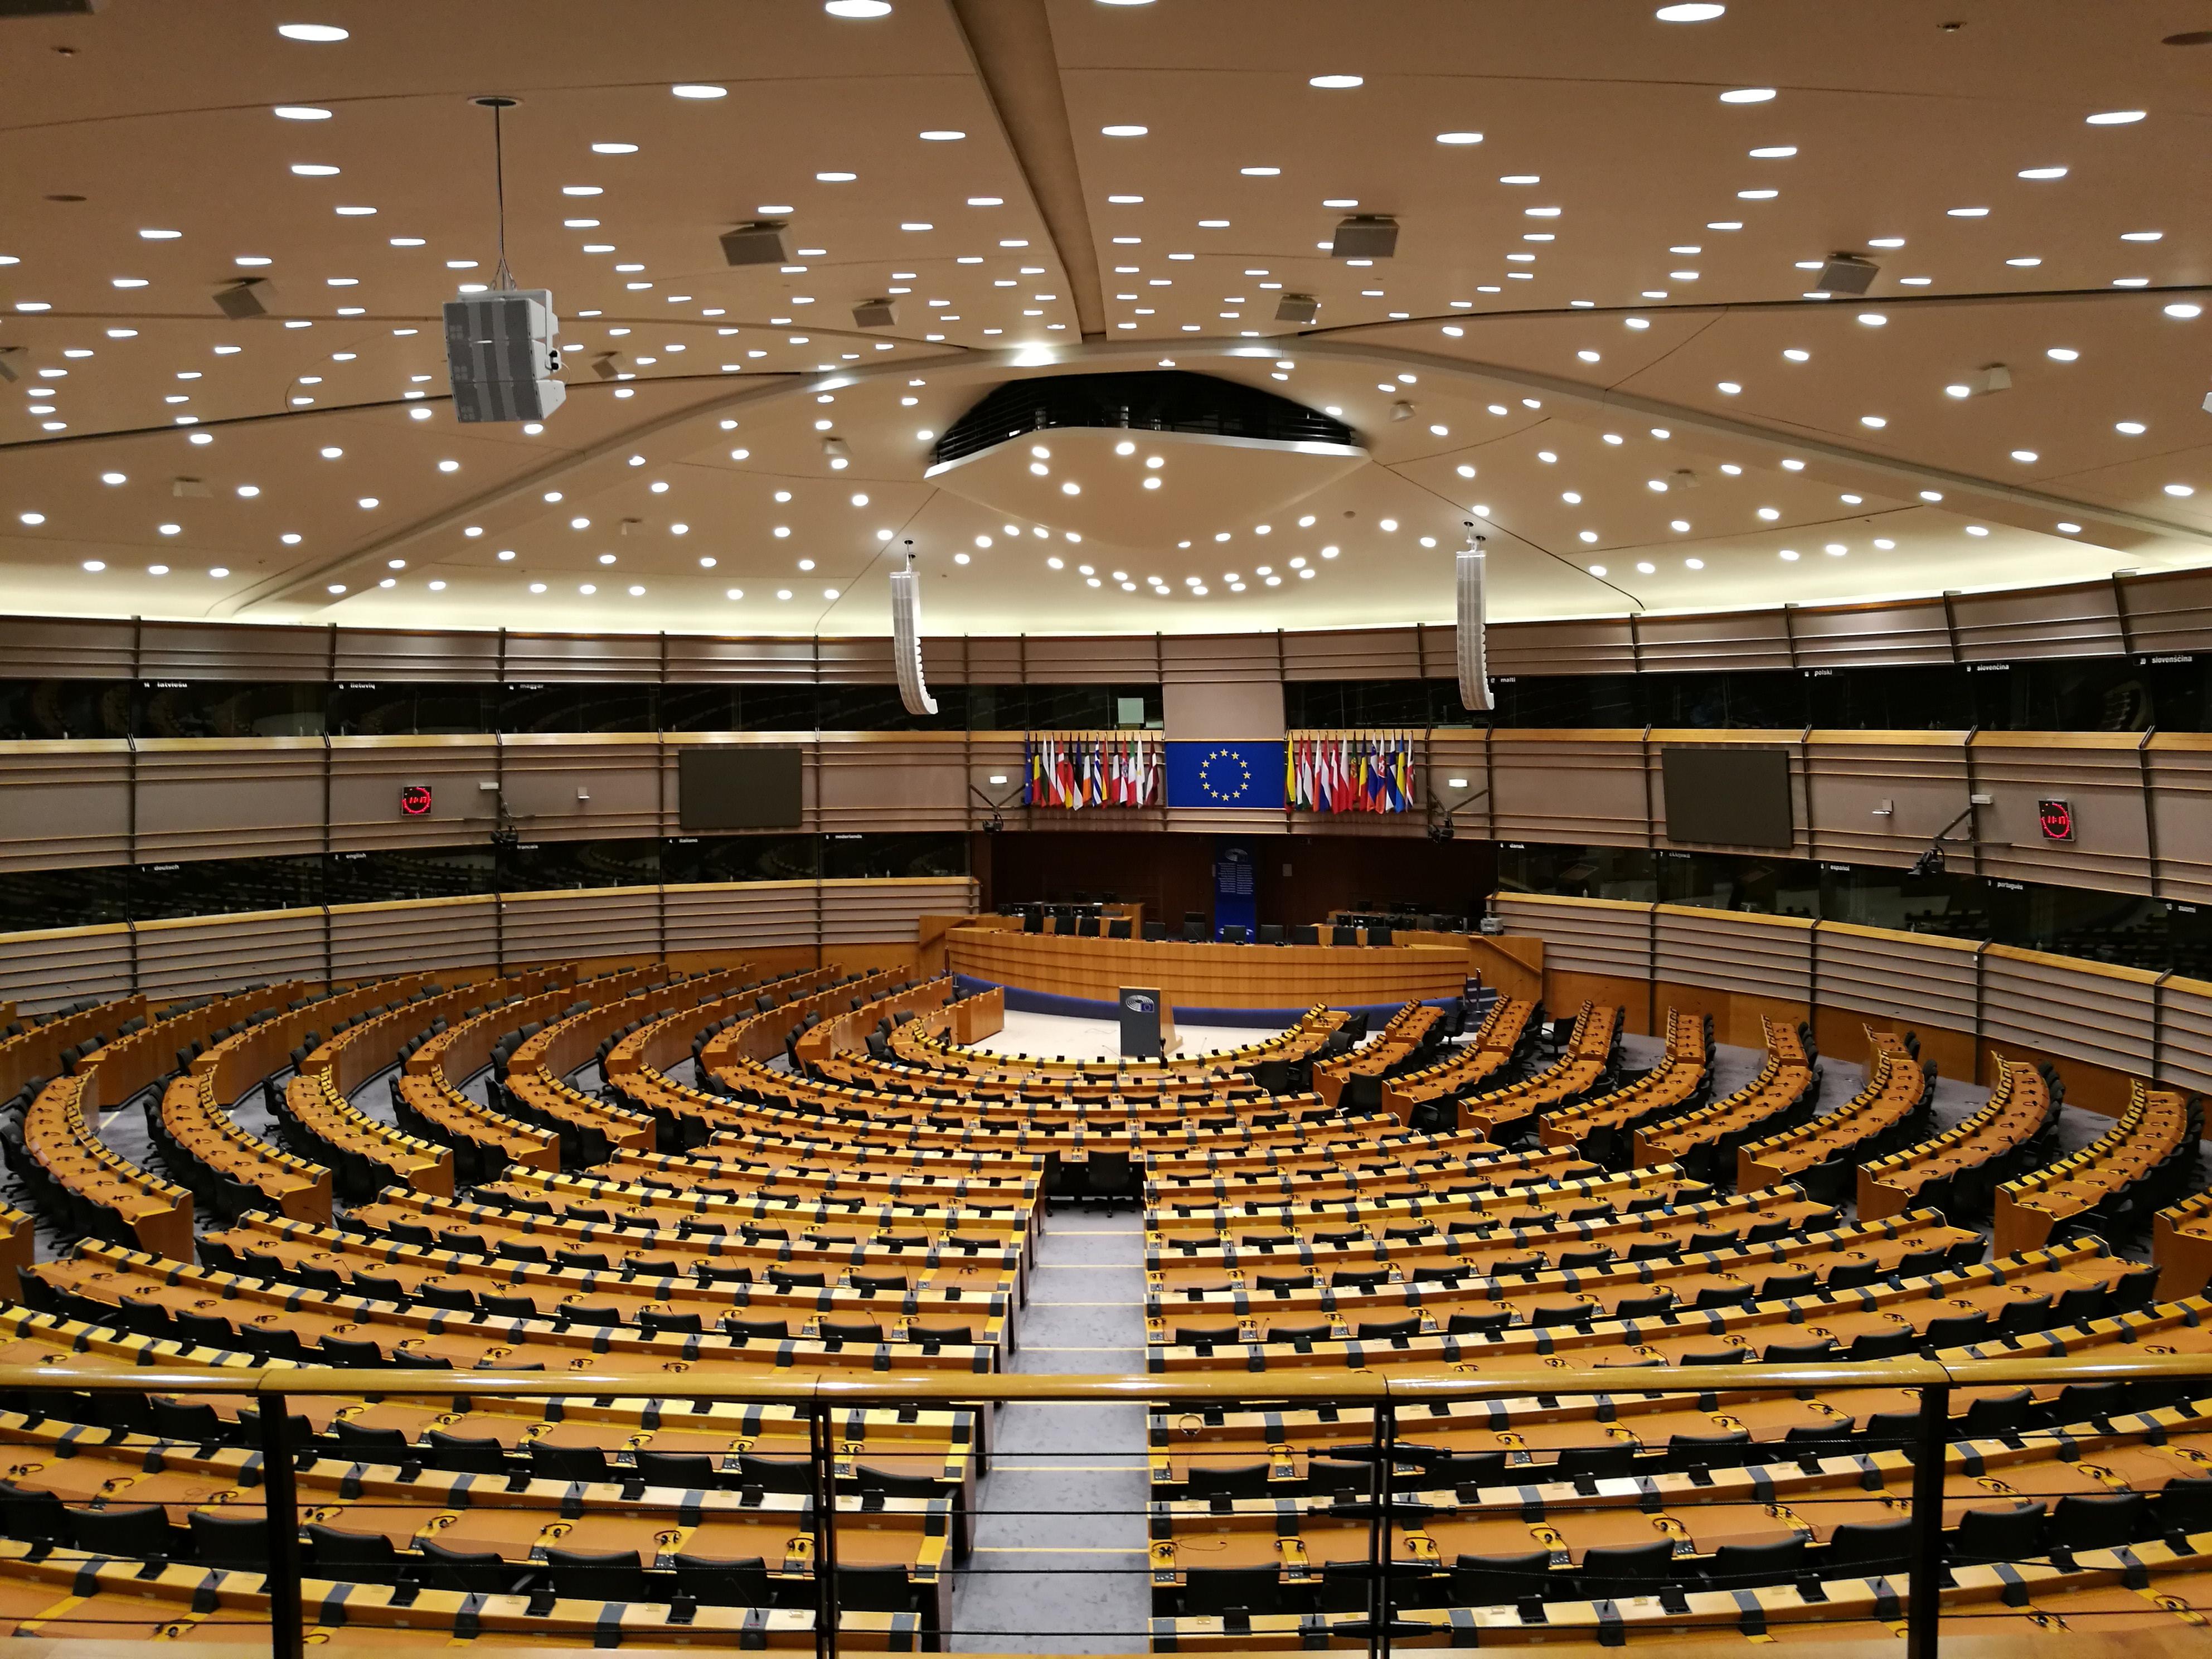 DAS EUROPÄISCHE PARLAMENT vertritt die Bürgerinnen und Bürger der EU-Mitgliedstaaten und ist Mitentscheider im EU-Gesetzgebungsprozess, Haushaltsbehörde und hat Überwachungsfunktion